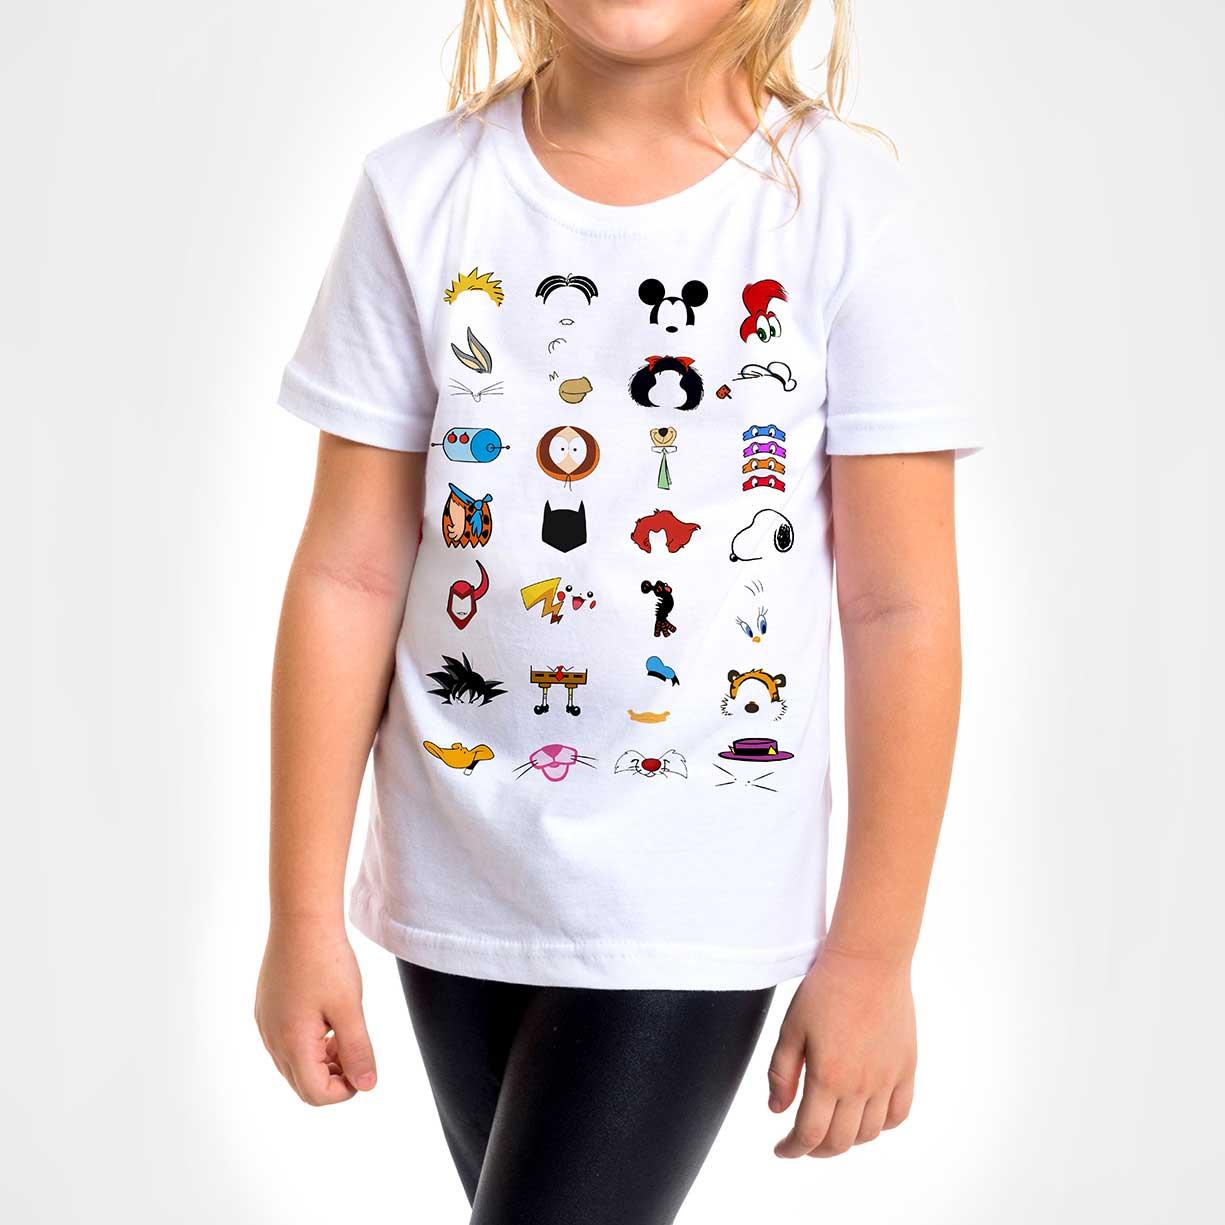 Camisa Infantil - Cartoons